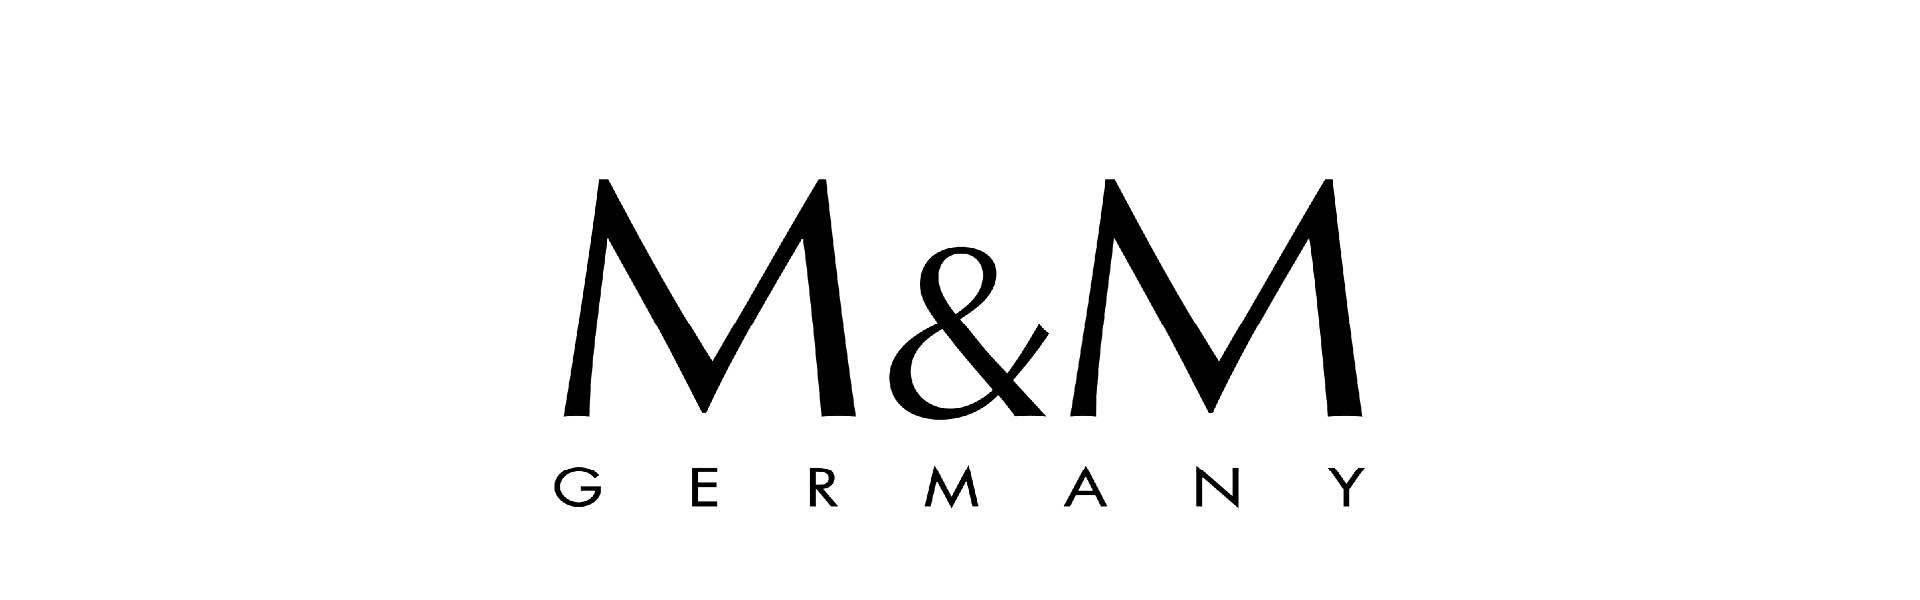 De mooiste sieraden en horloges van M&M Germany!